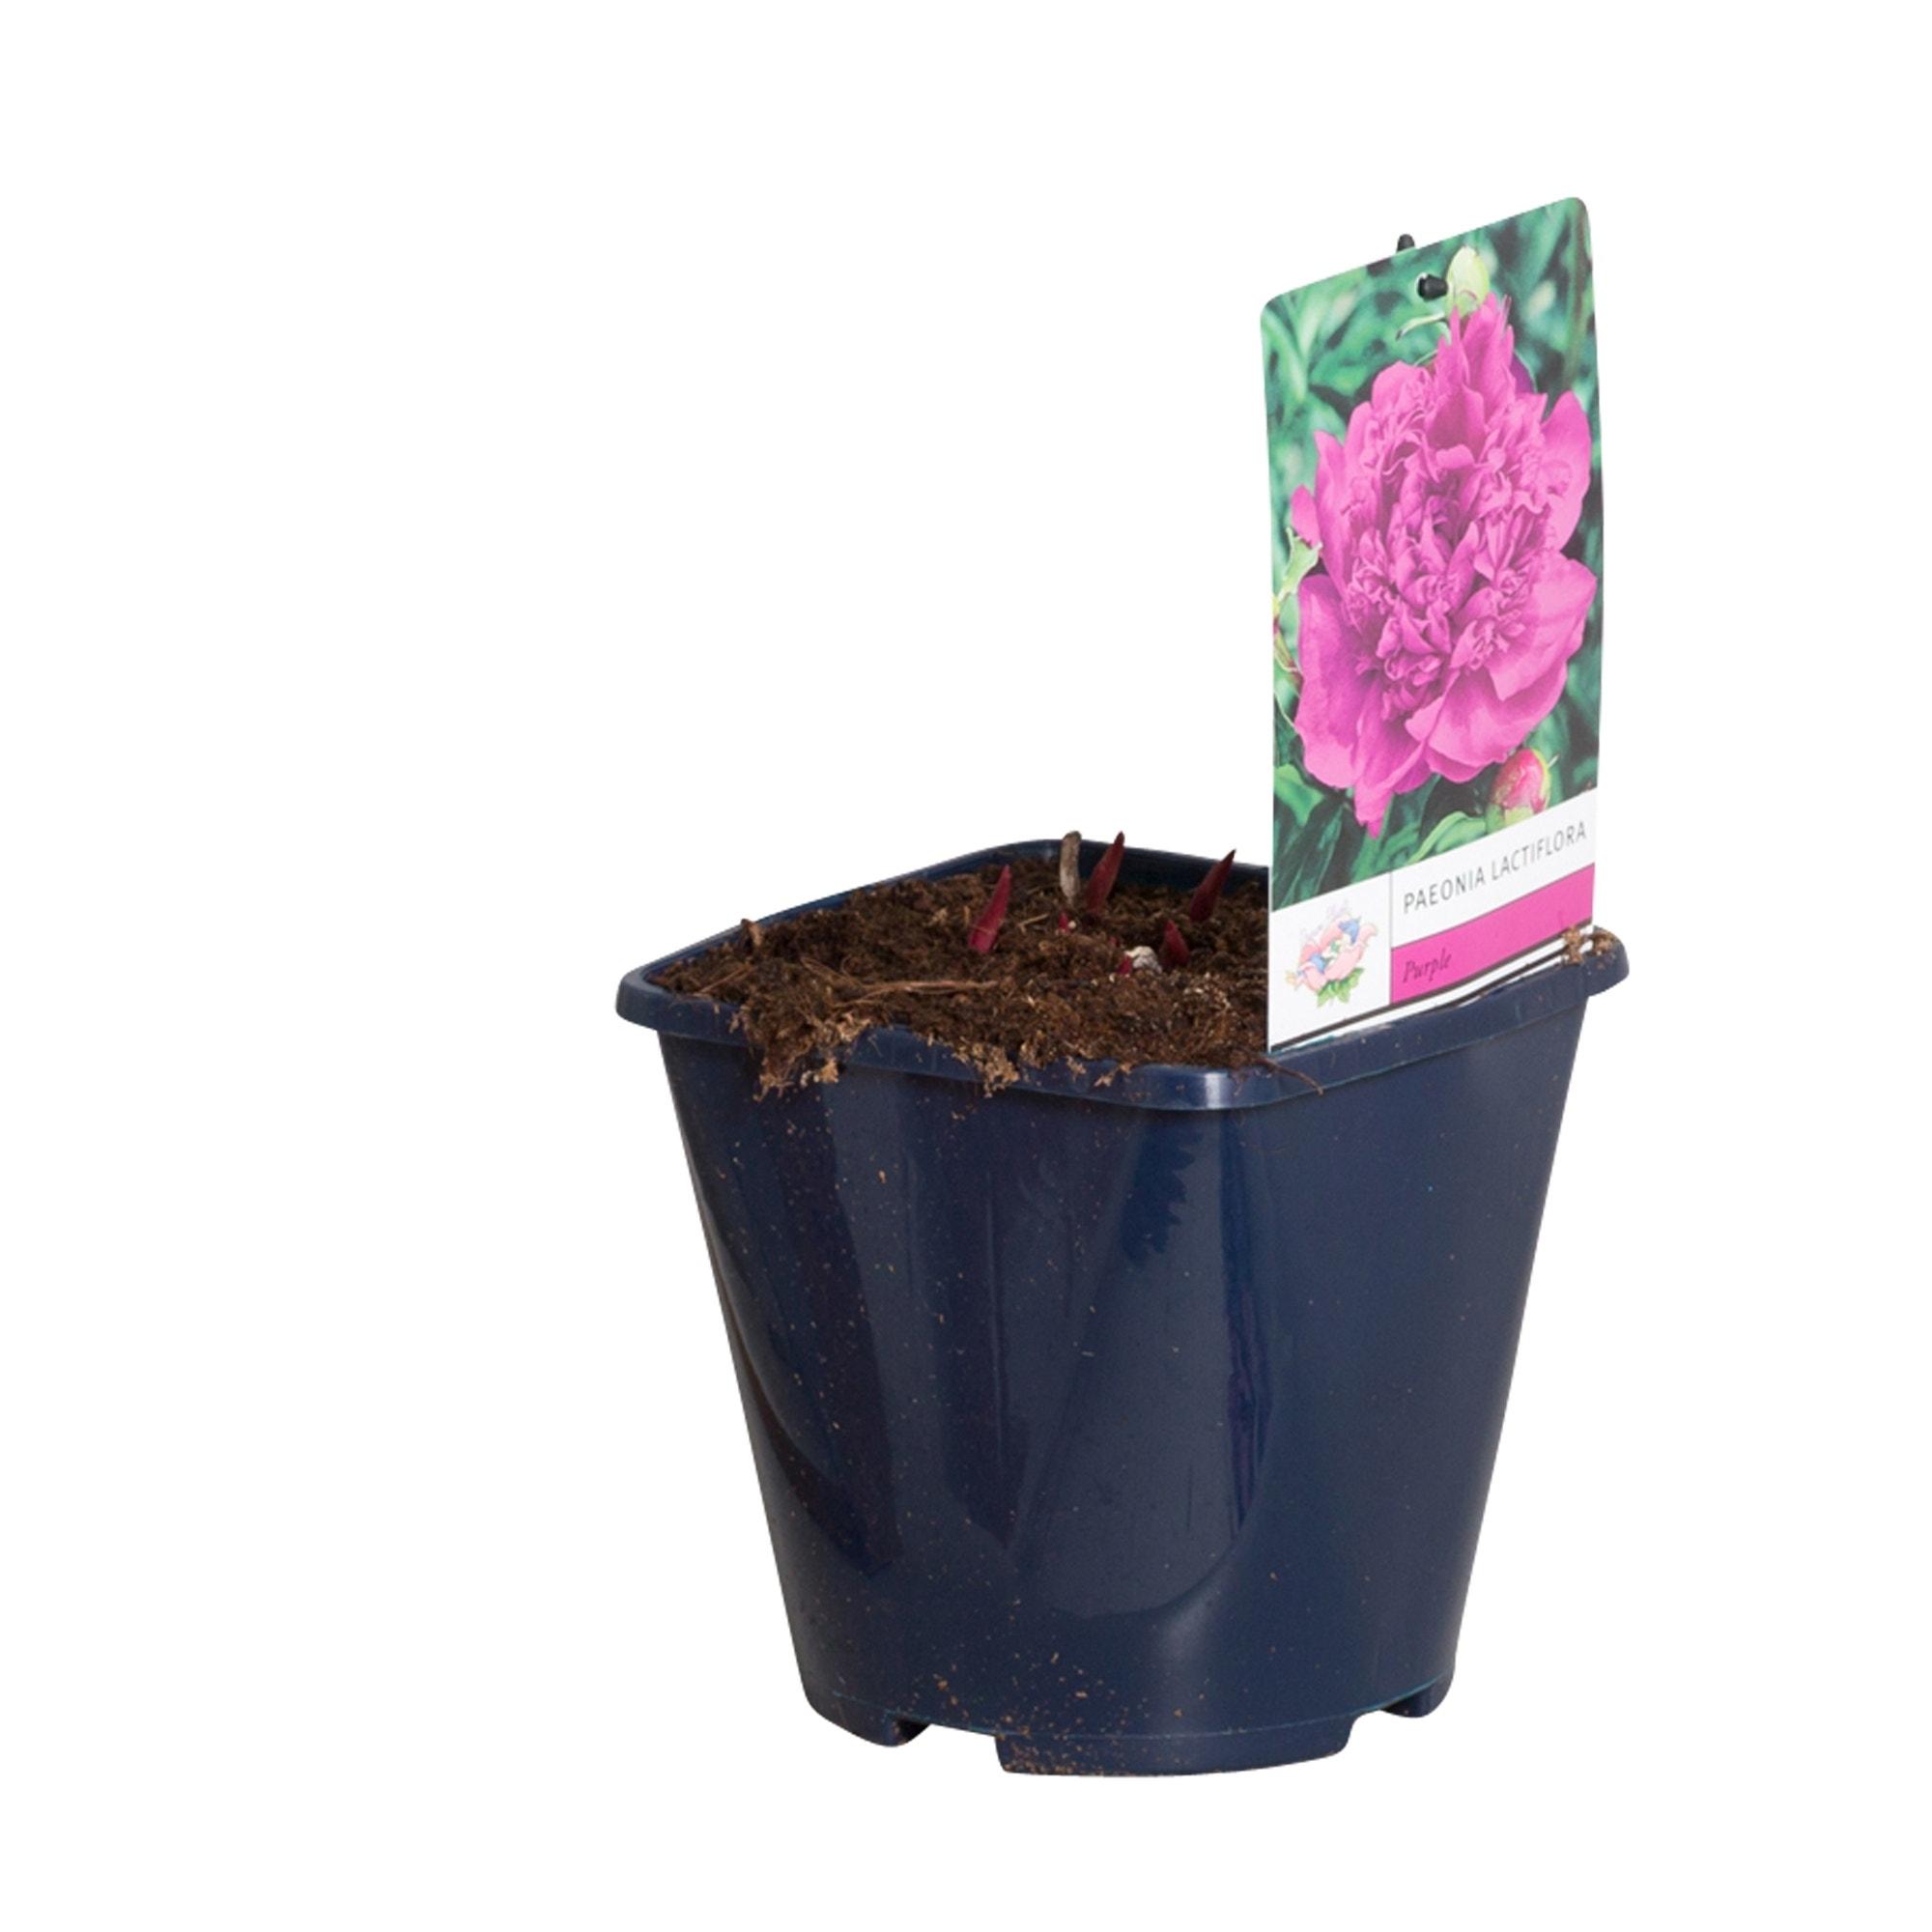 Paarse Pioenroos (Paeonia lactiflora)-Plant in pot-p11. Kleur: paars